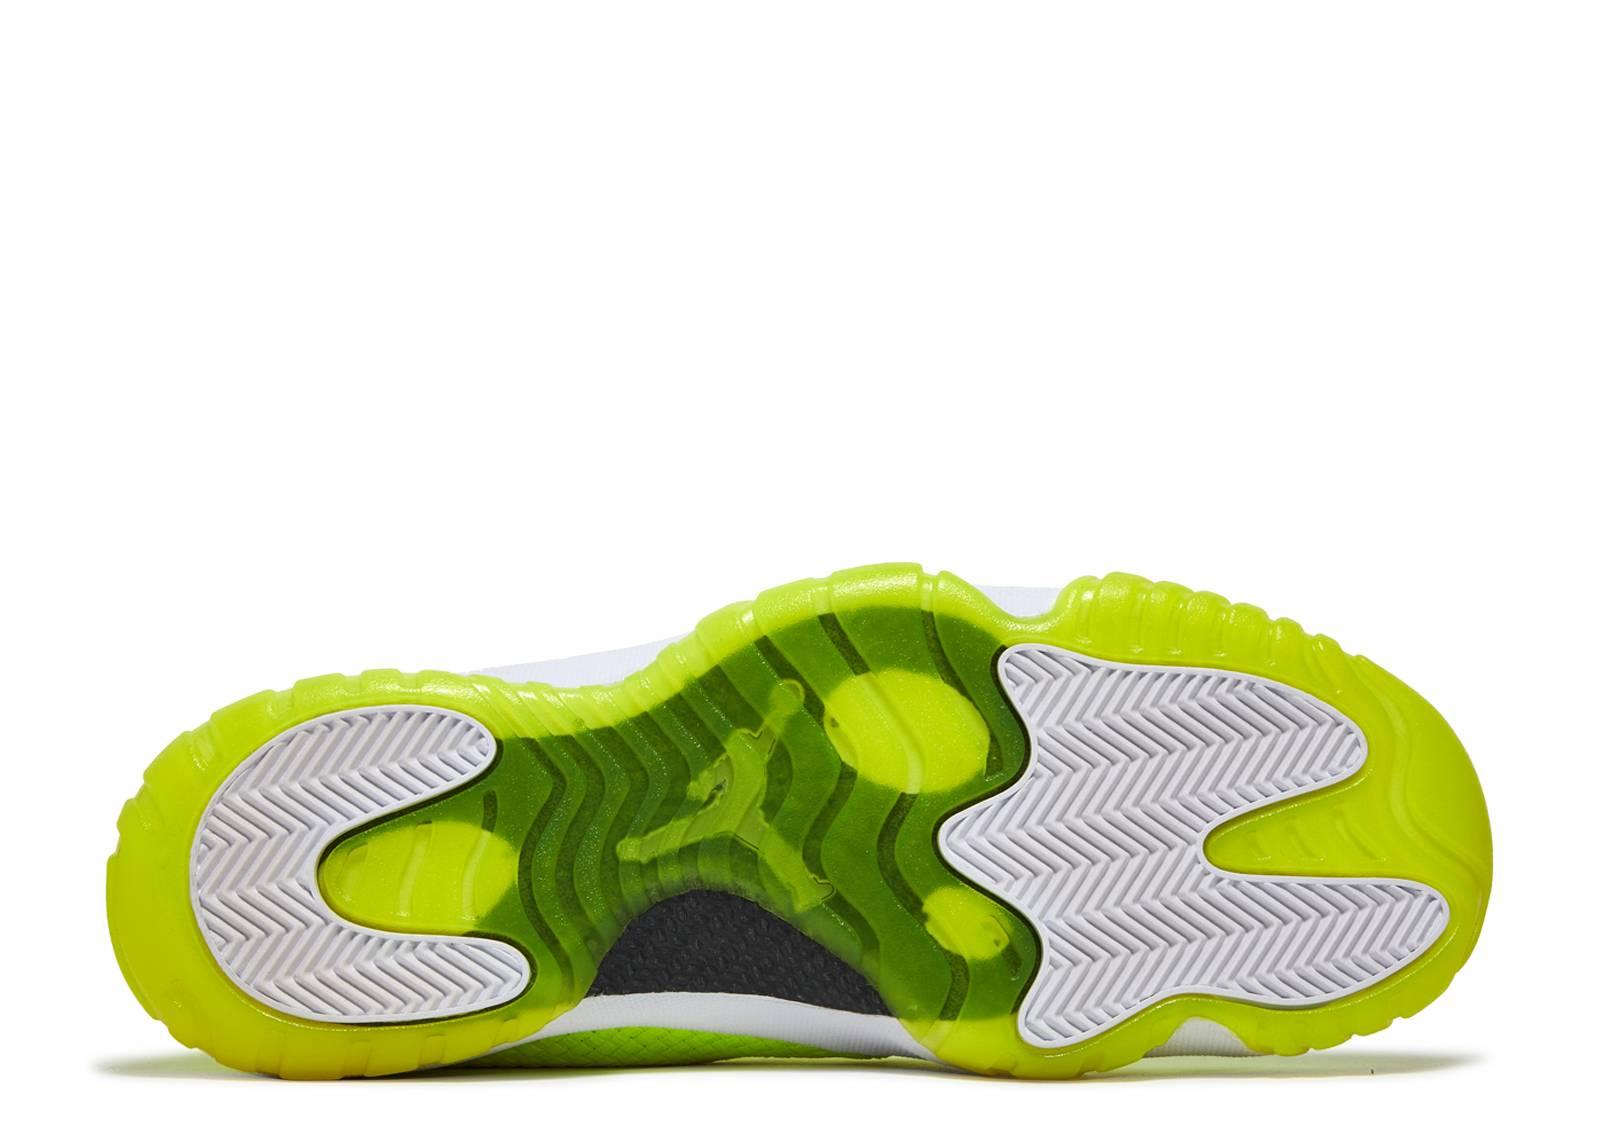 size 40 244e8 9eb79 ... get jordan purple and volt green shoes d9e87 86cce